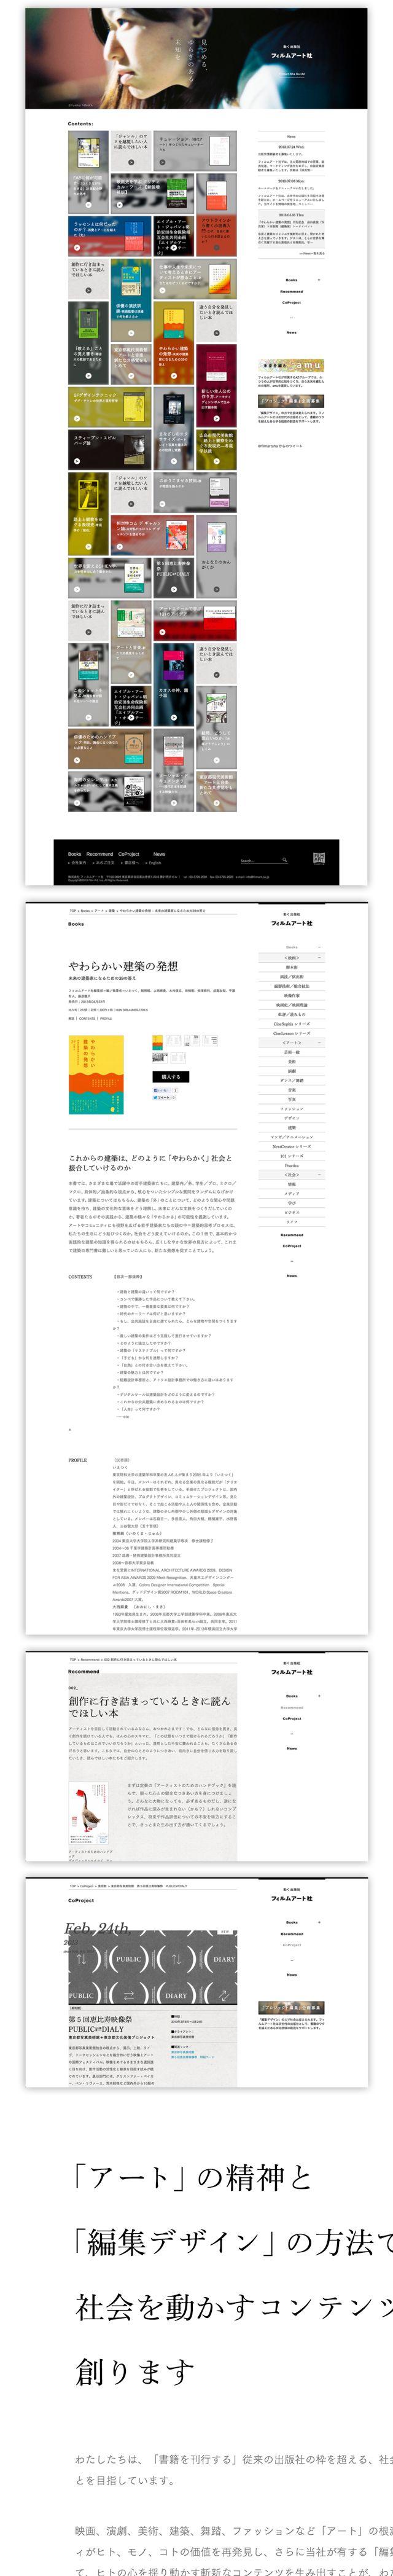 コーポレートサイト フィルムアート社様/AD・D